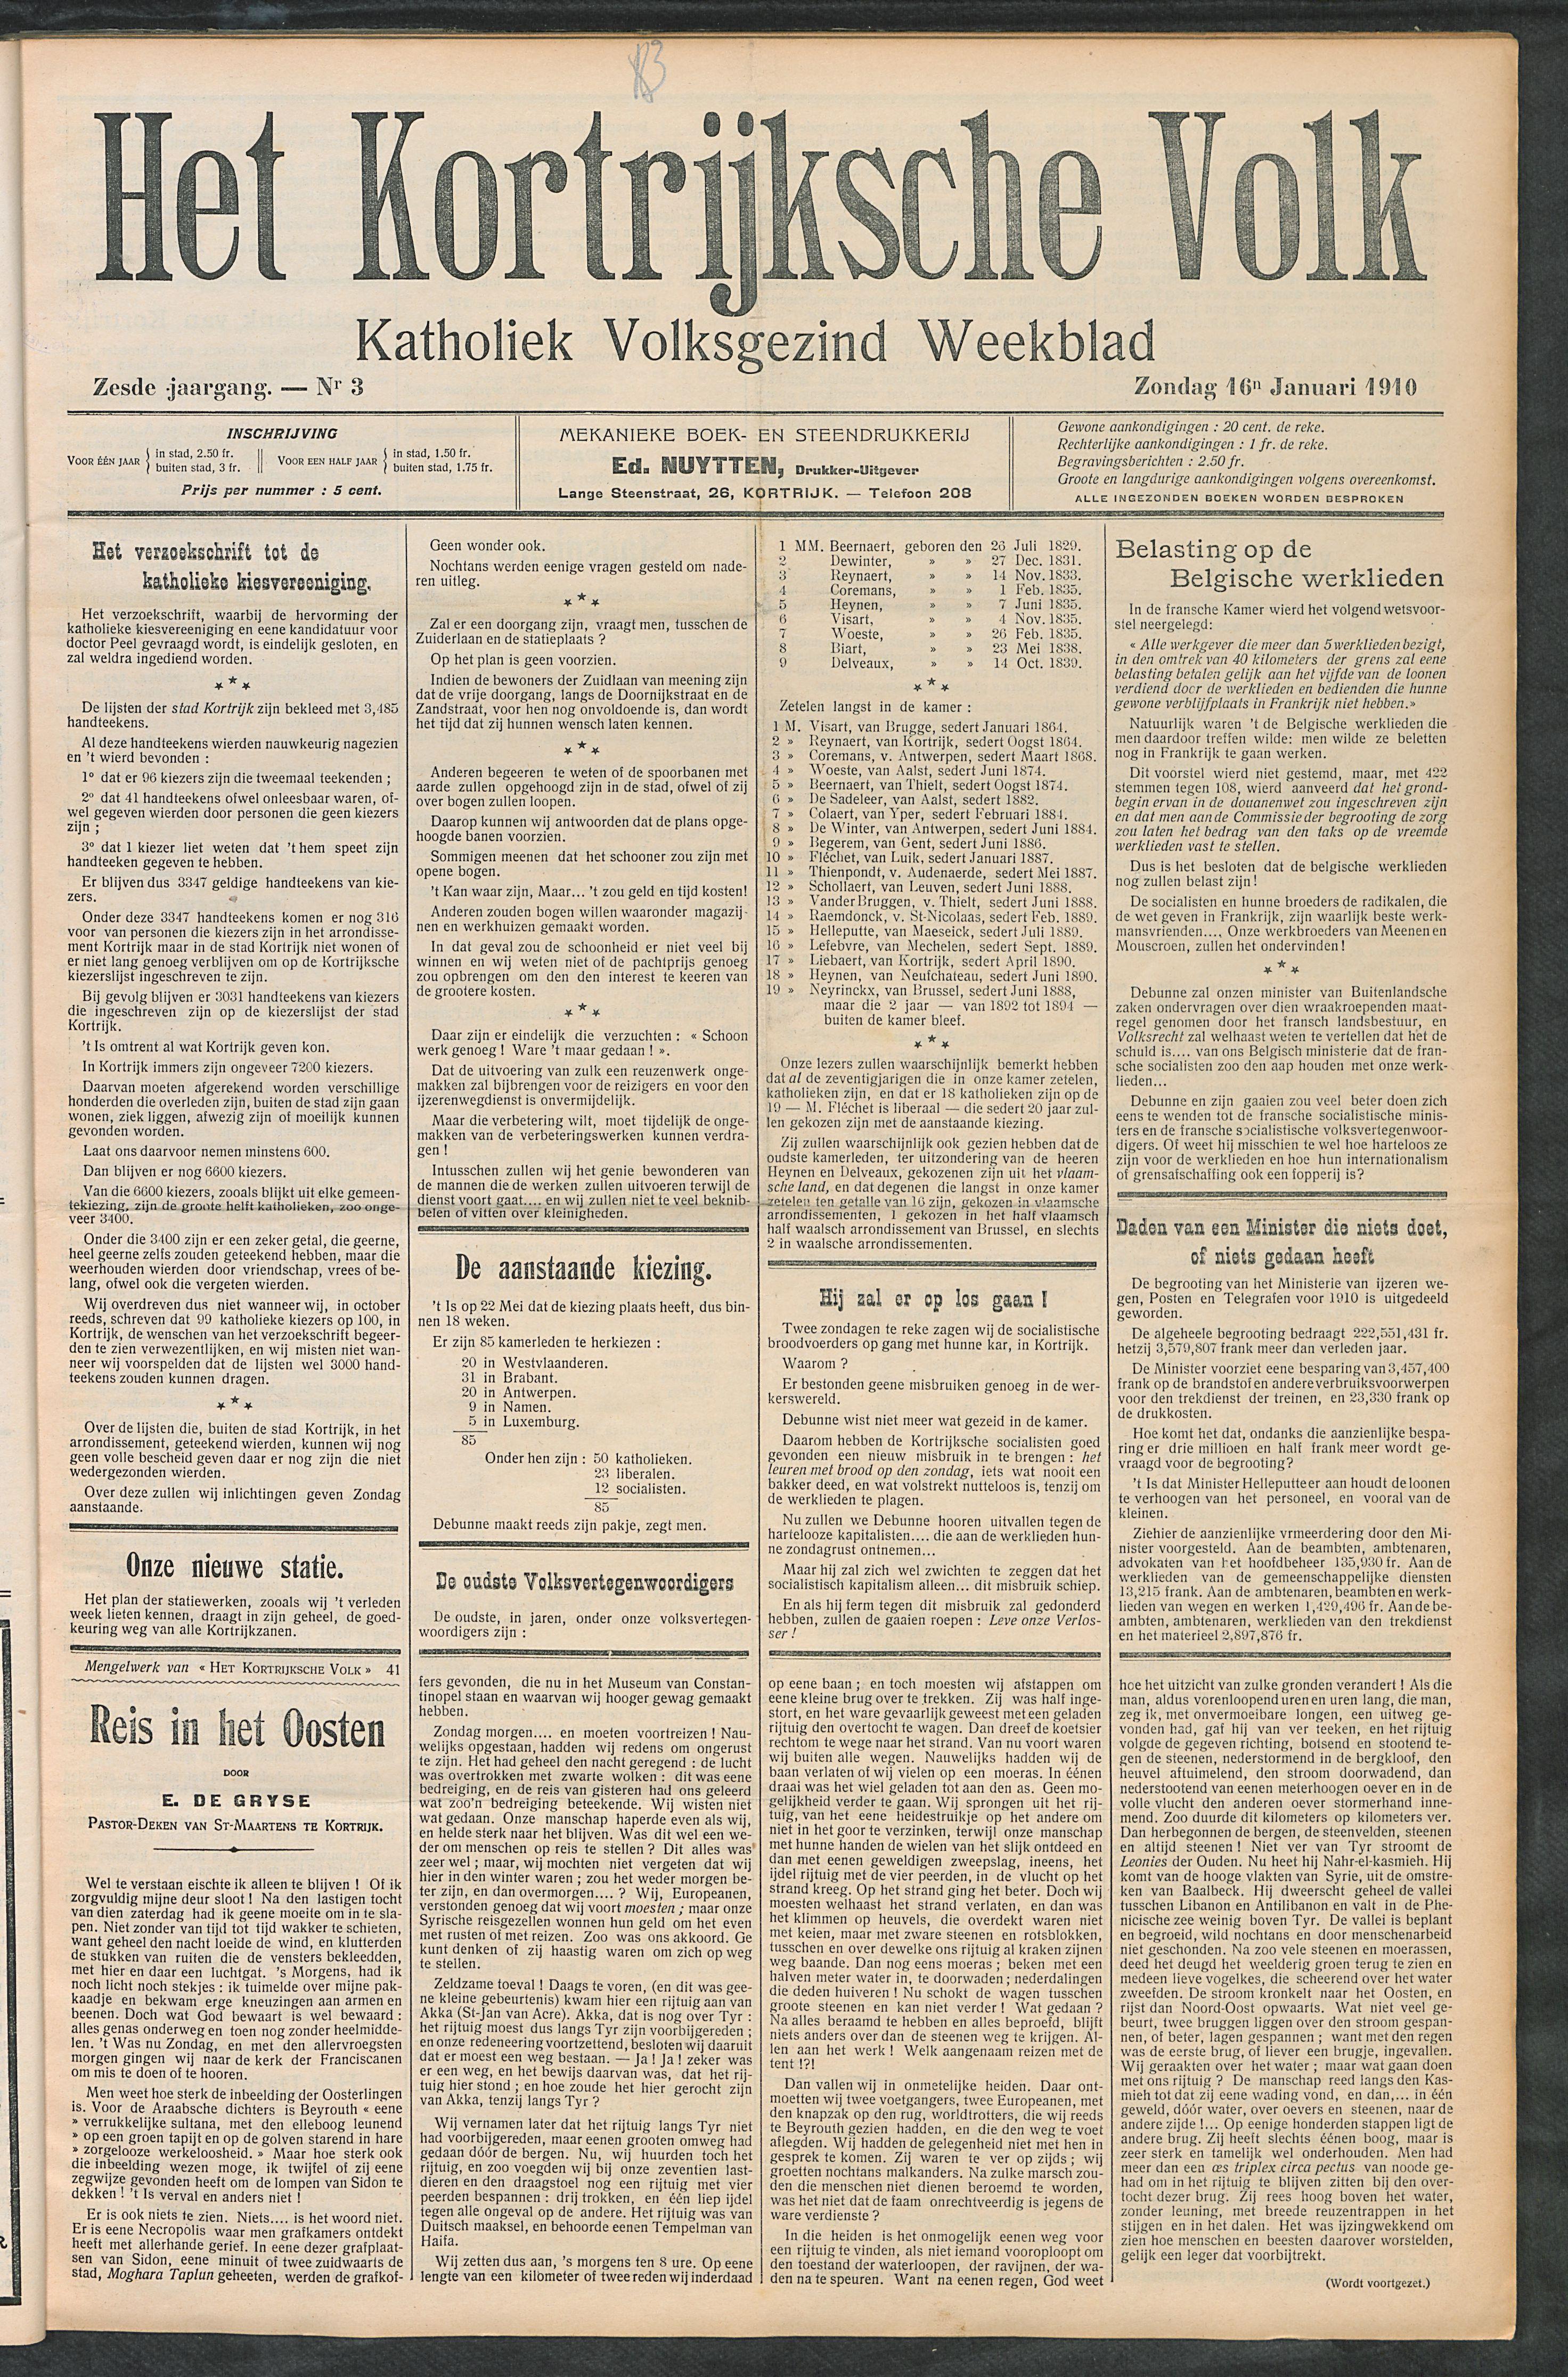 Het Kortrijksche Volk 1910-01-16 p1